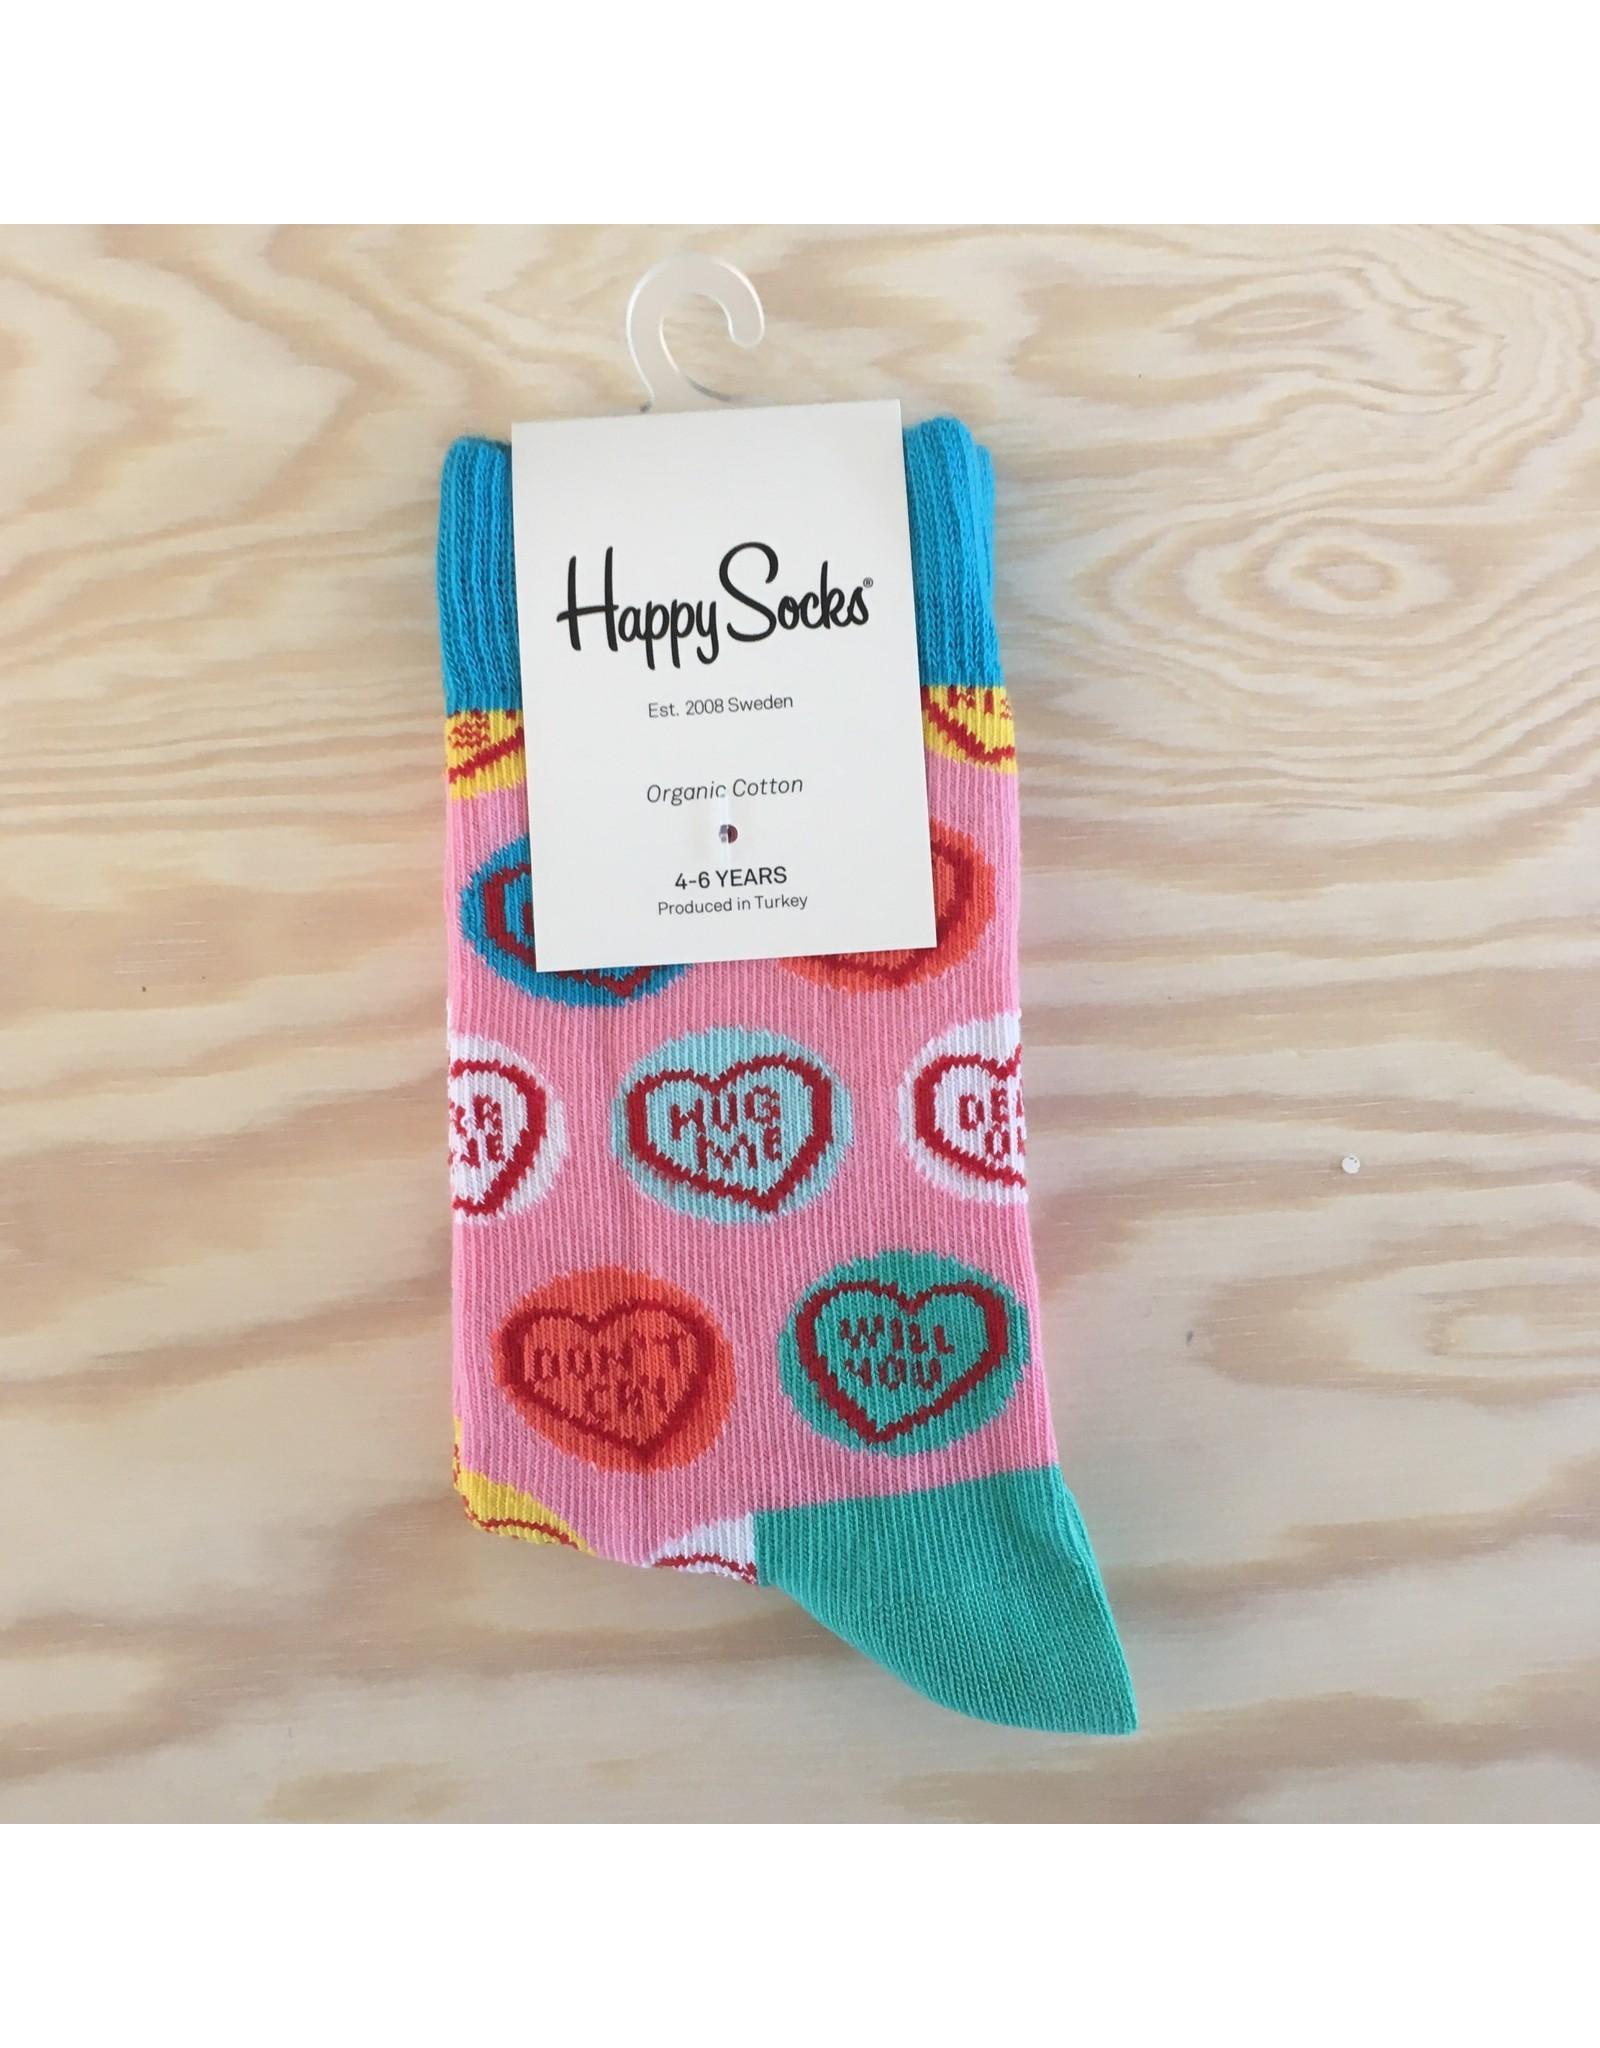 HAPPY SOCKS HAPPY SOCKS KSWH01-3000 SWEETHEART 4-6Y